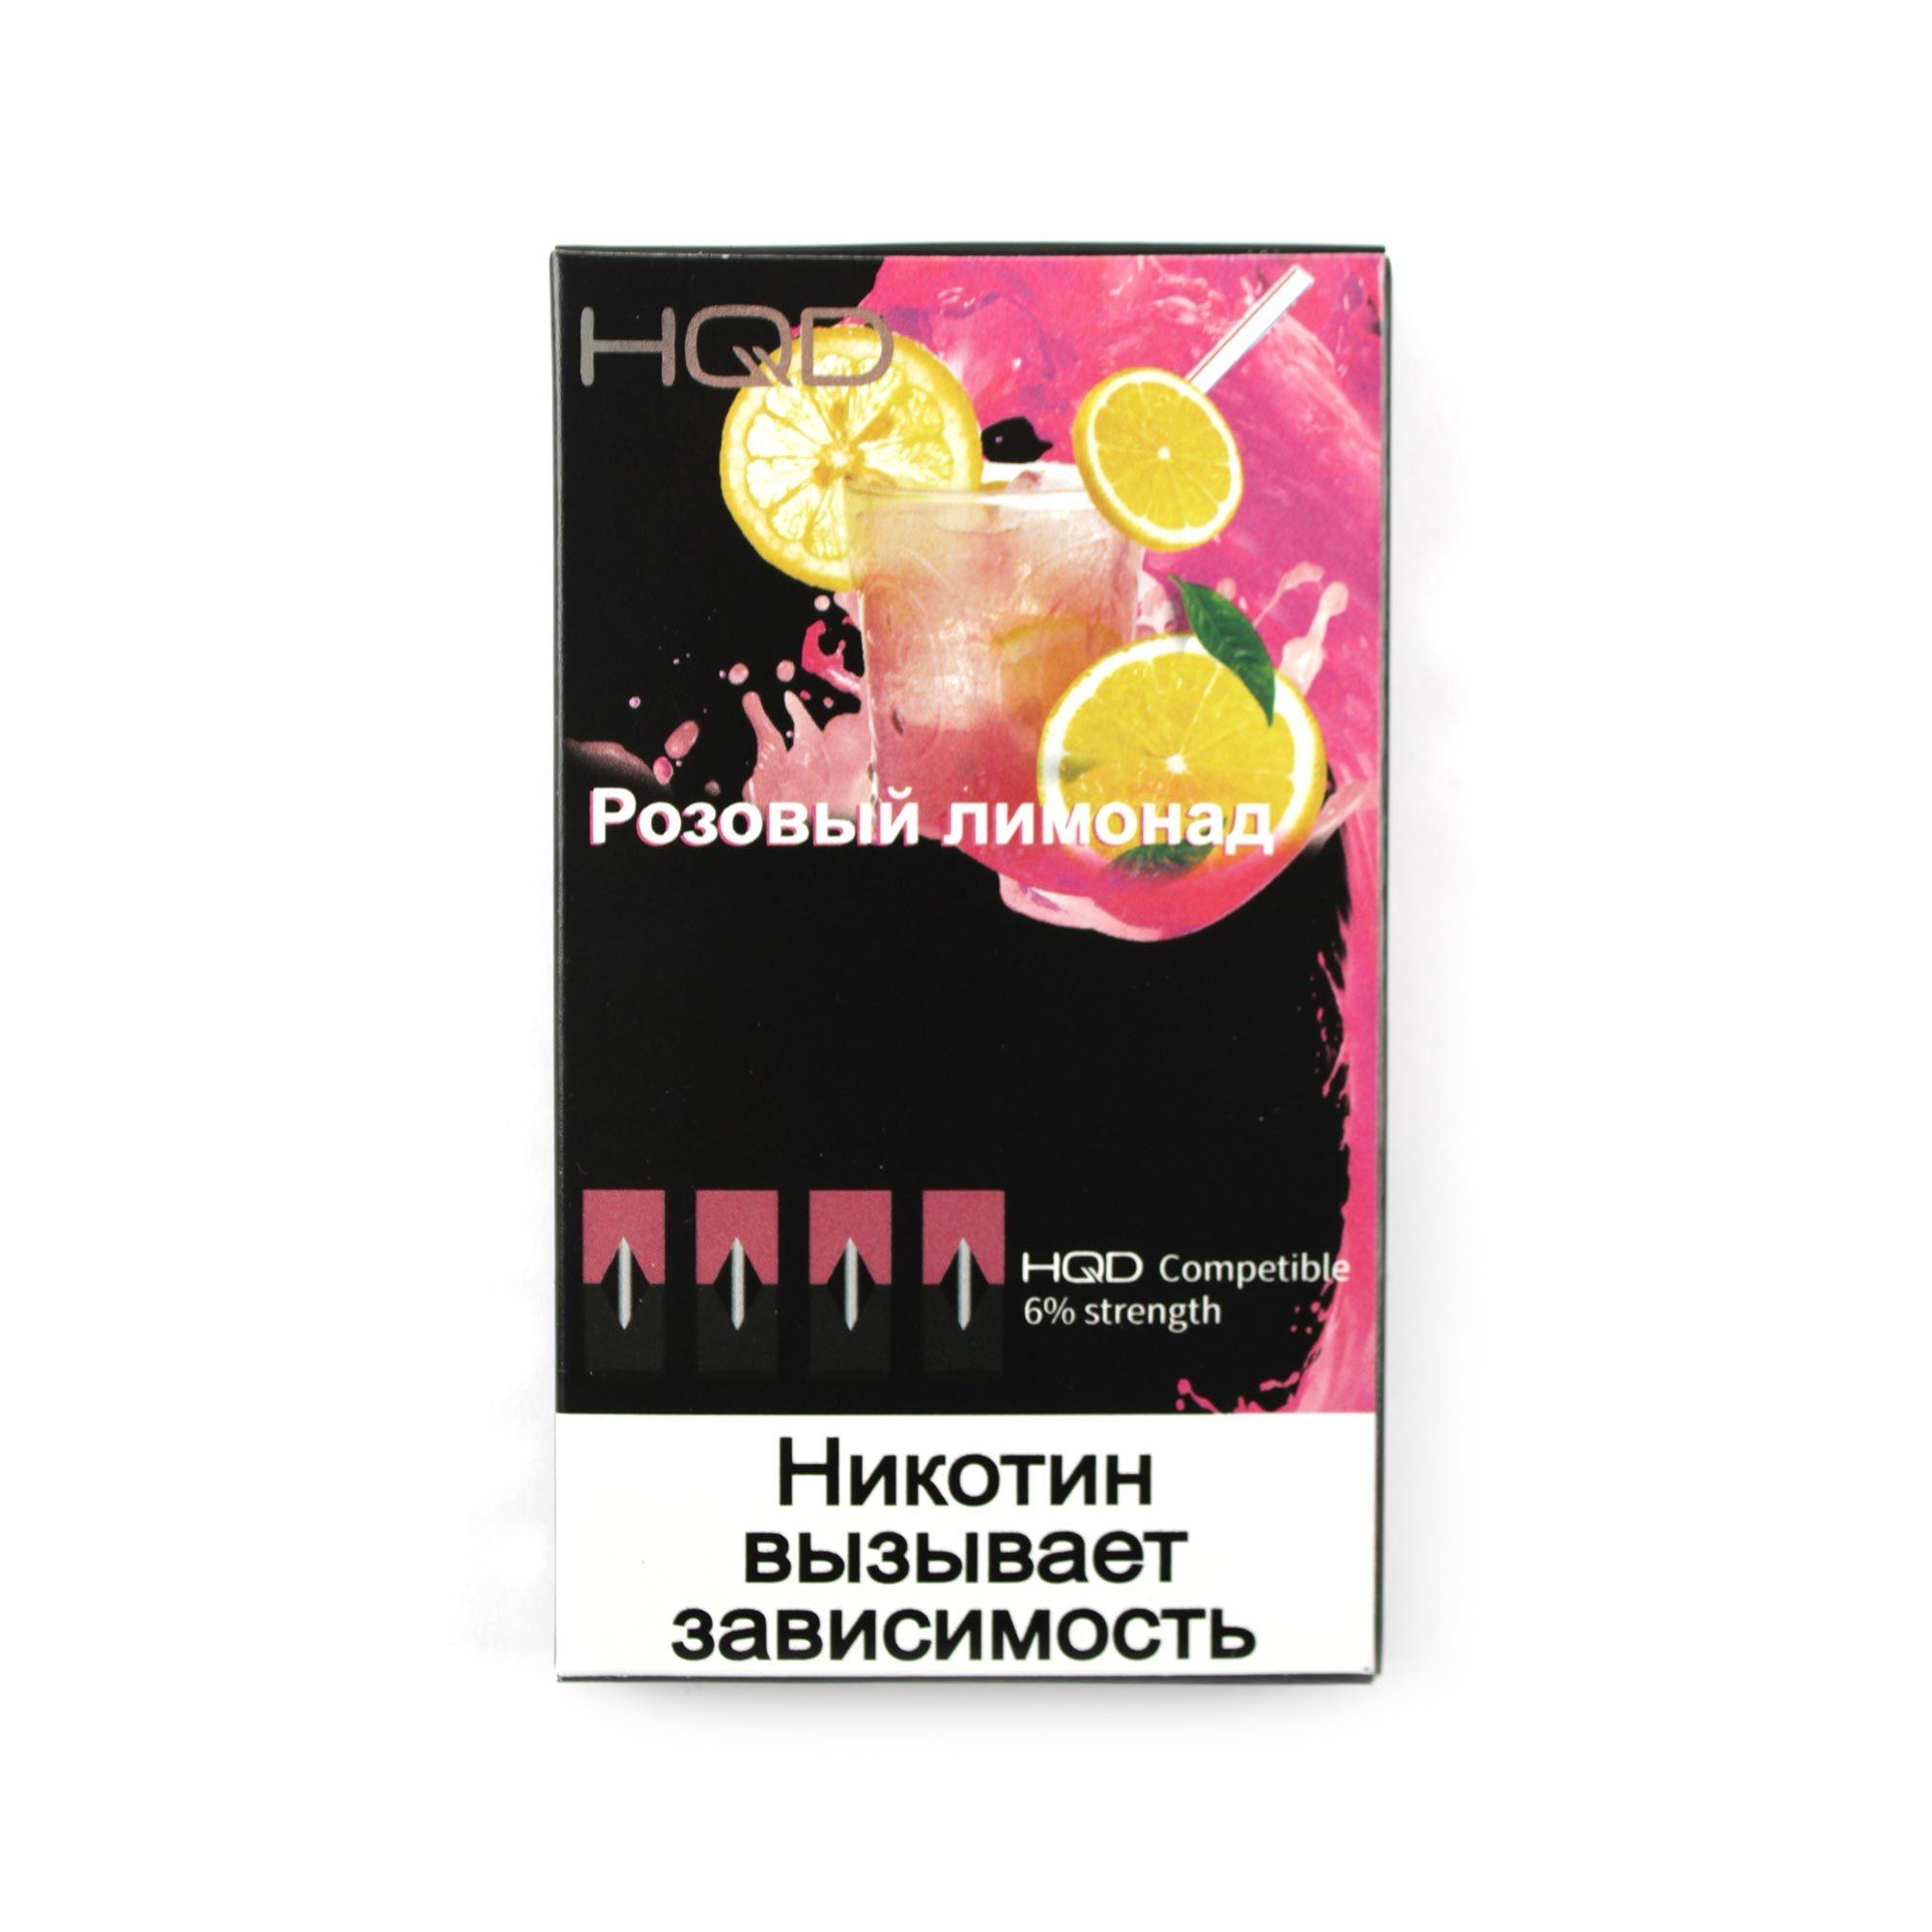 Сменный Картридж совместимый с JUUL HQD - Розовый лимонад х4, 60 мг